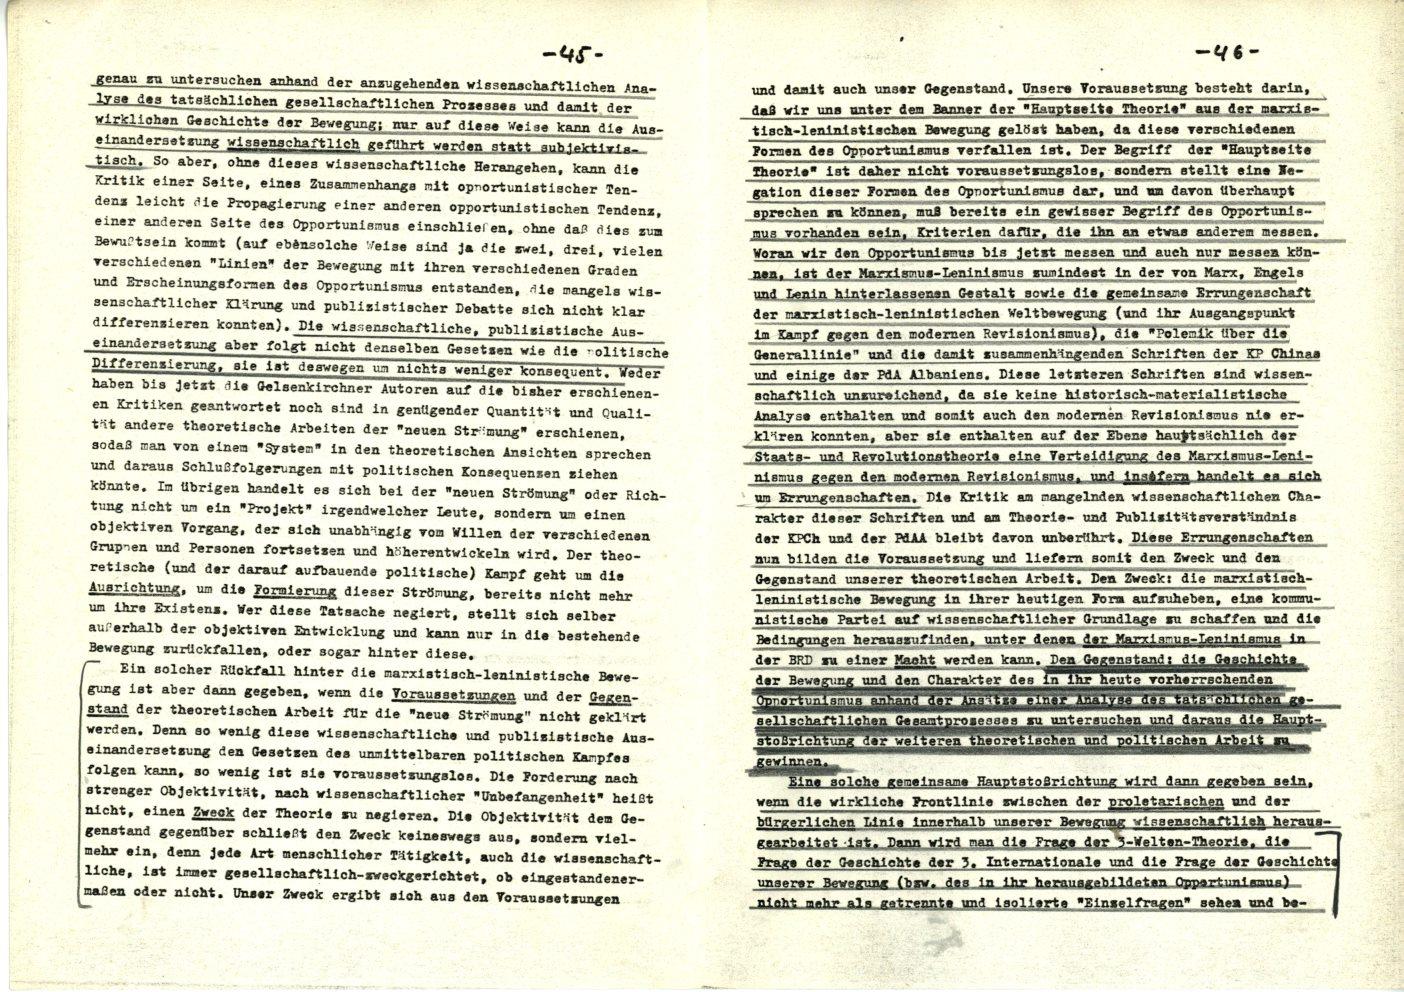 Nuernberg_Fuerth_Erlangen_ML_Diskussionsbeitraege_1978_01_24